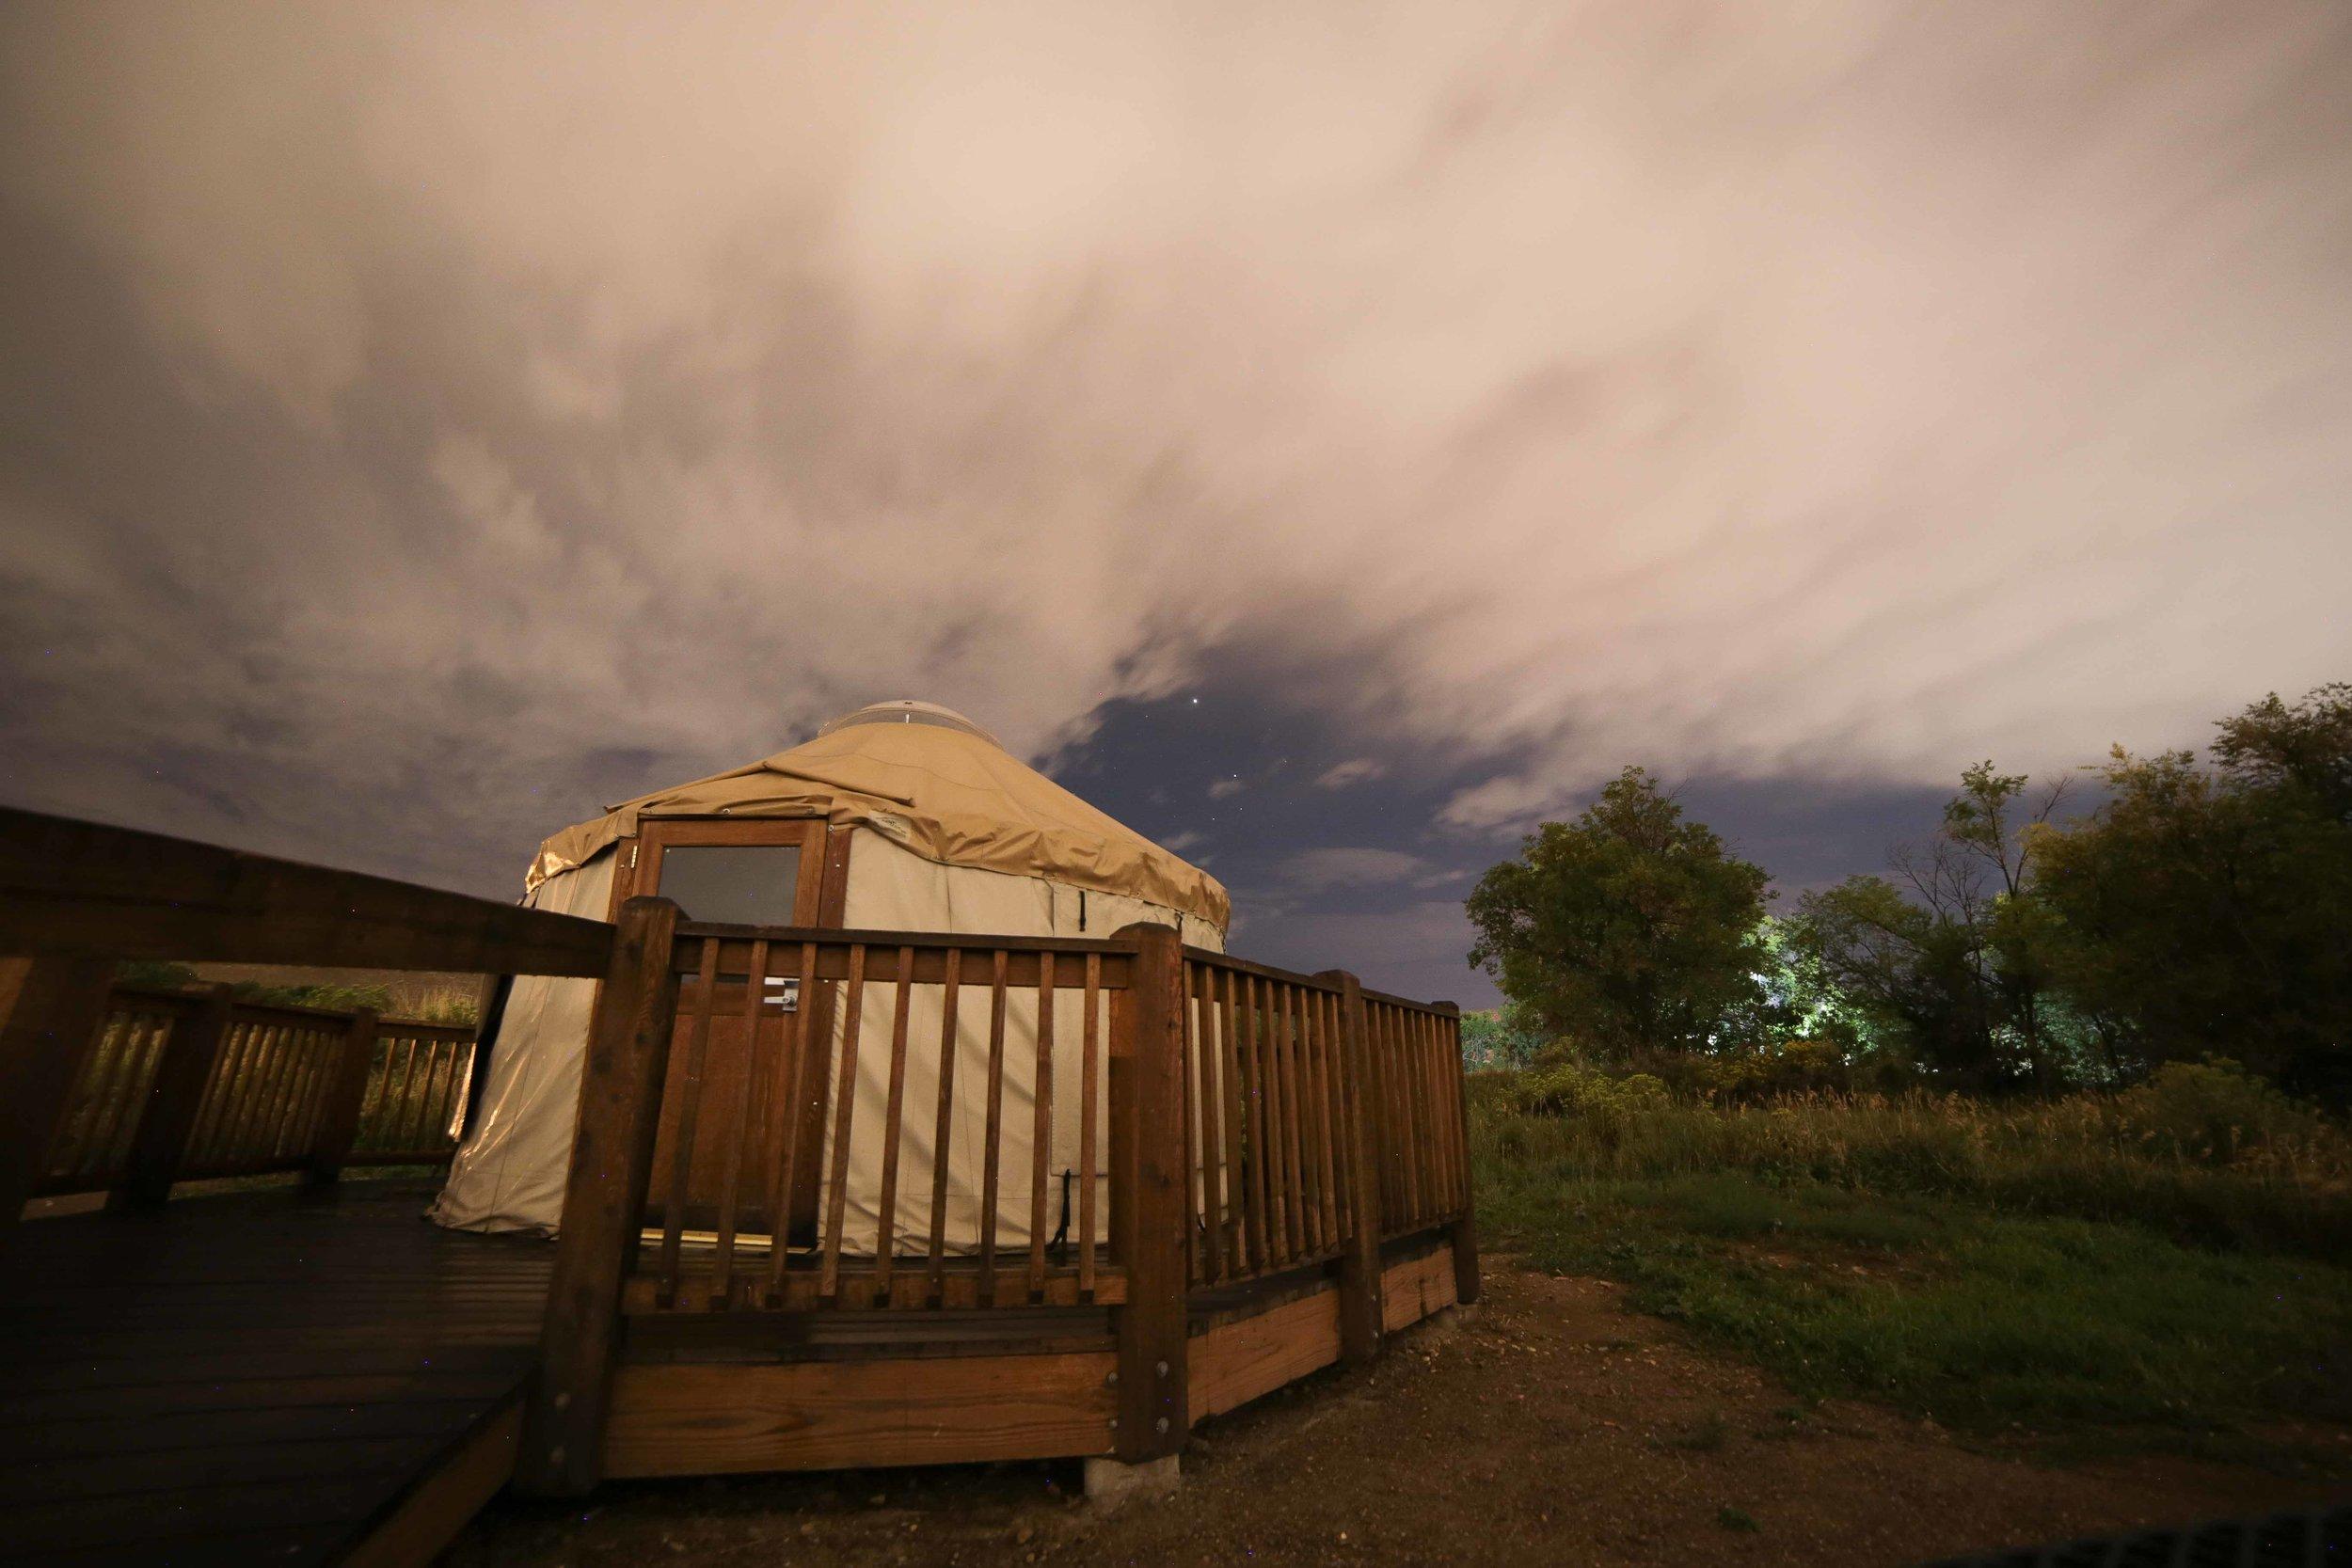 Yurt rental at Indian Paintbrush, Morrison, Colorado